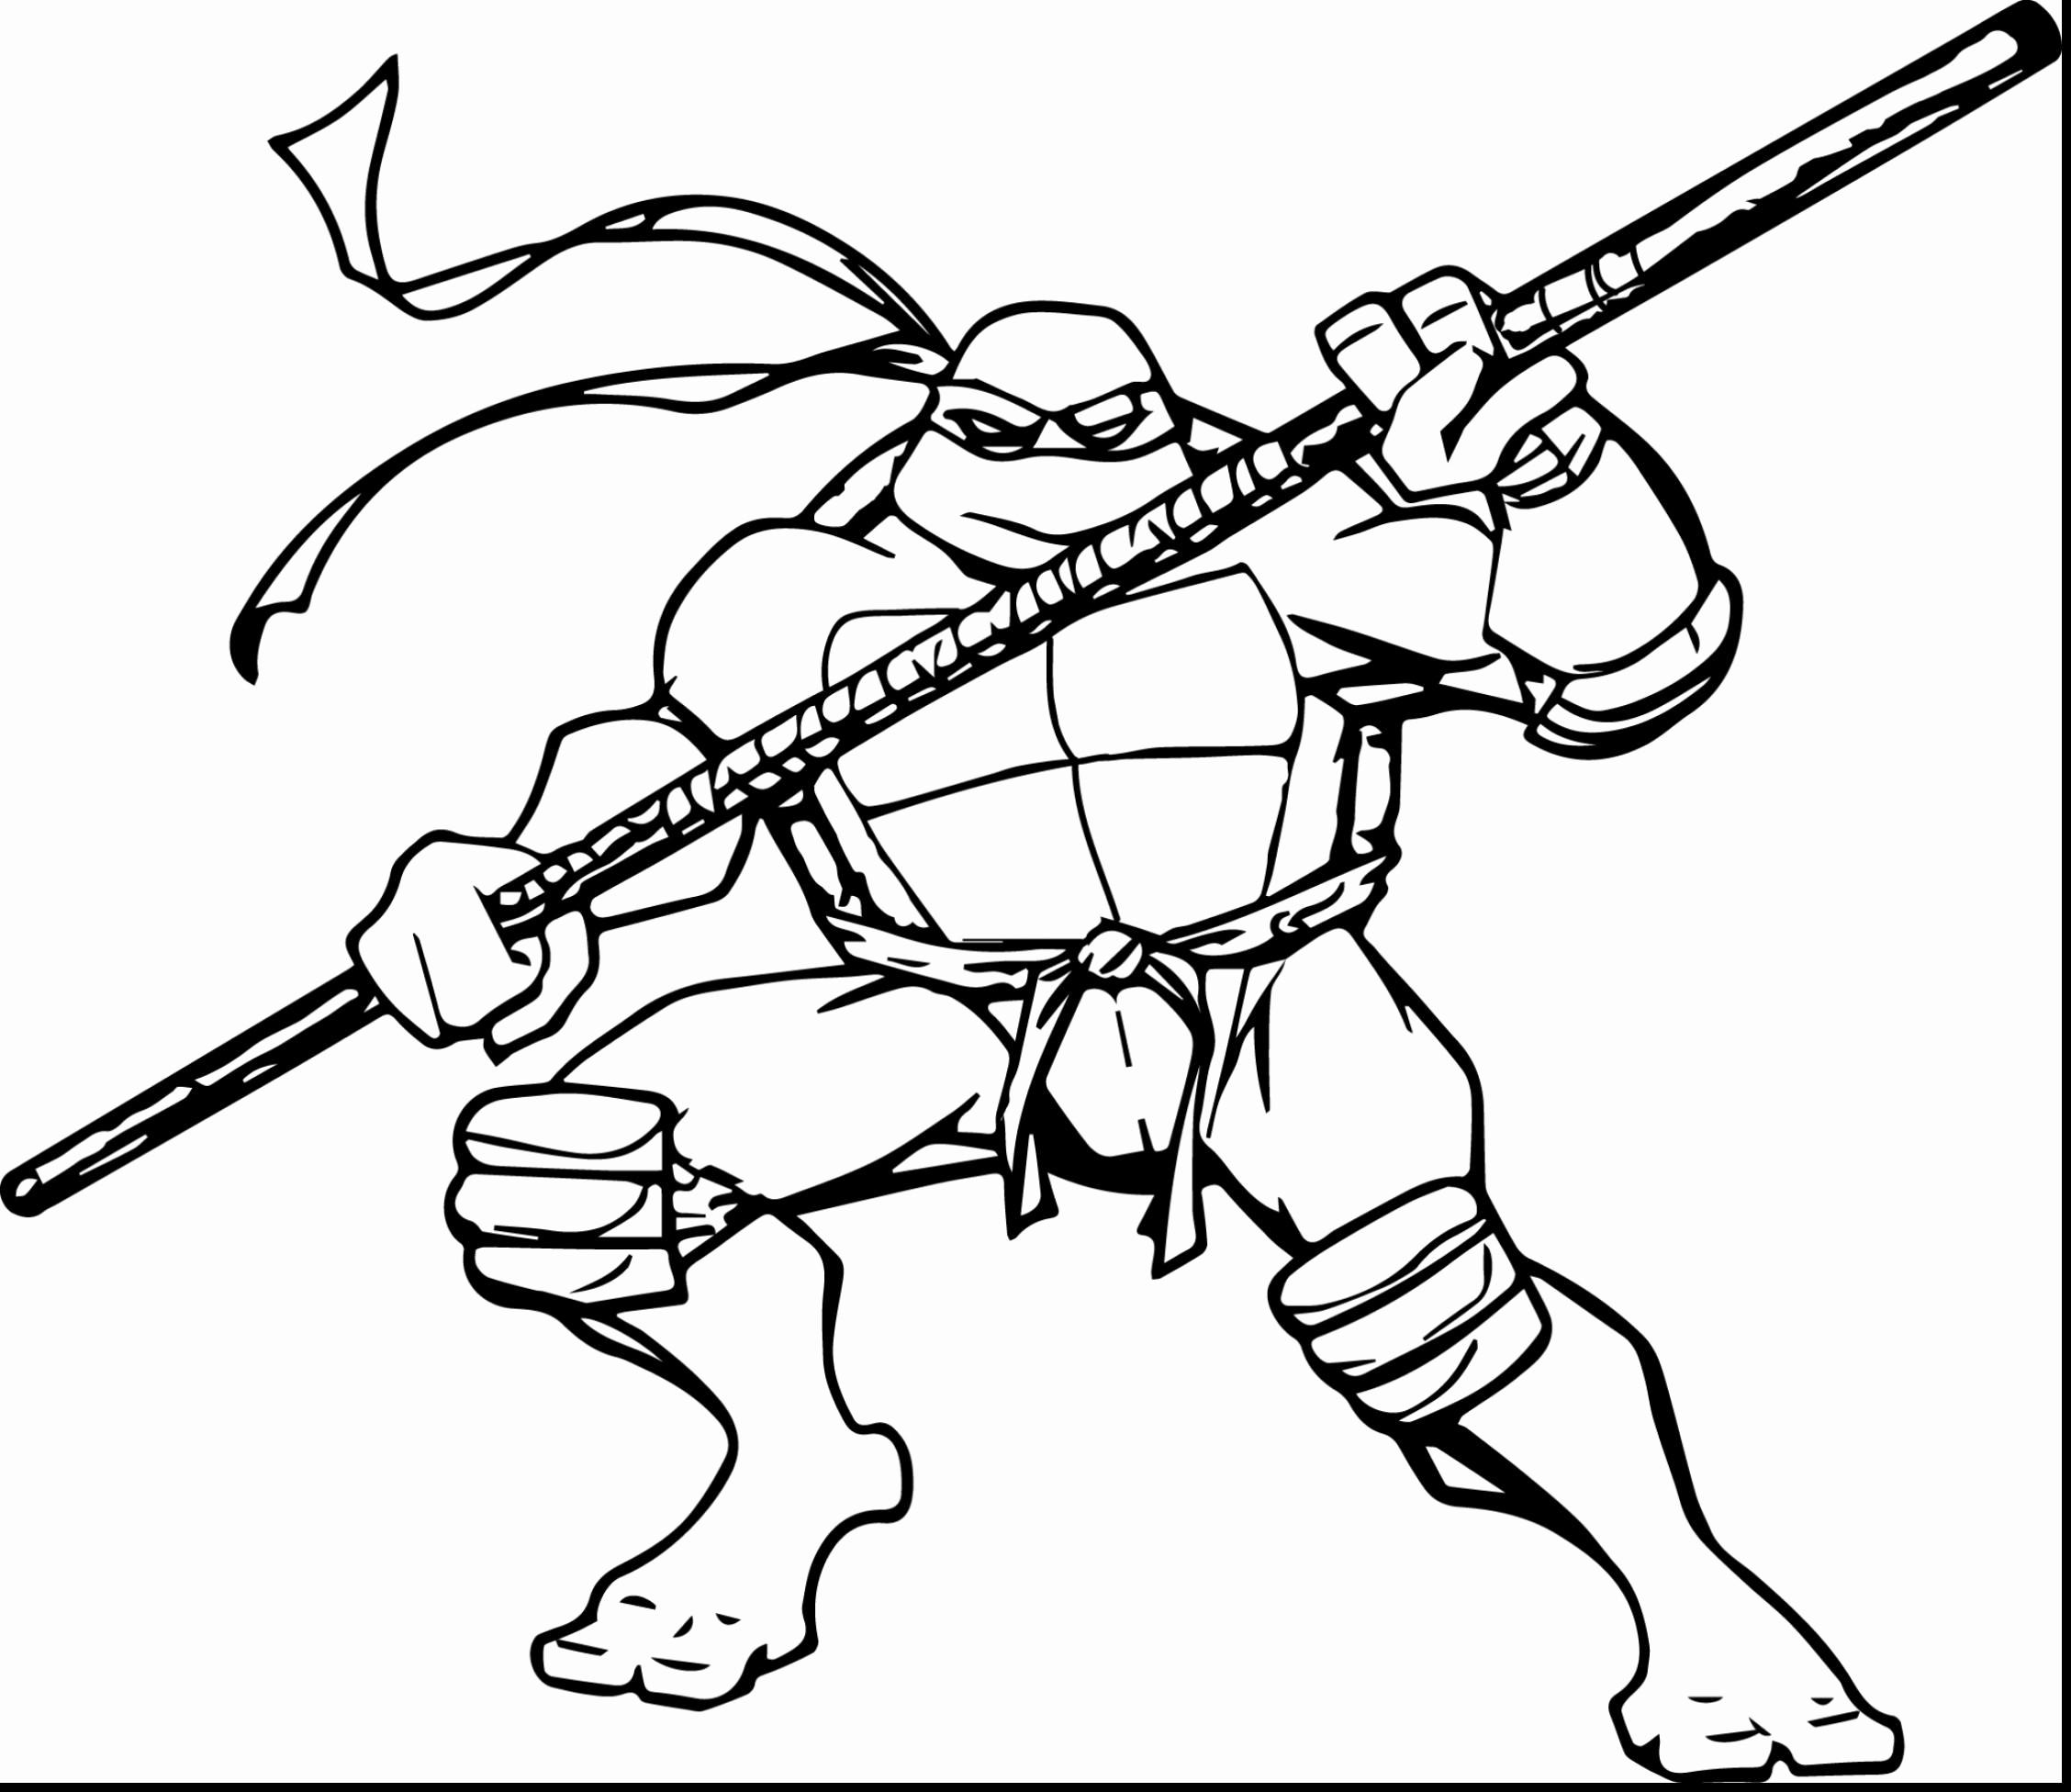 2256x1952 Ninja Turtle Coloring Pages Michelangelo Copy Ninja Turtles